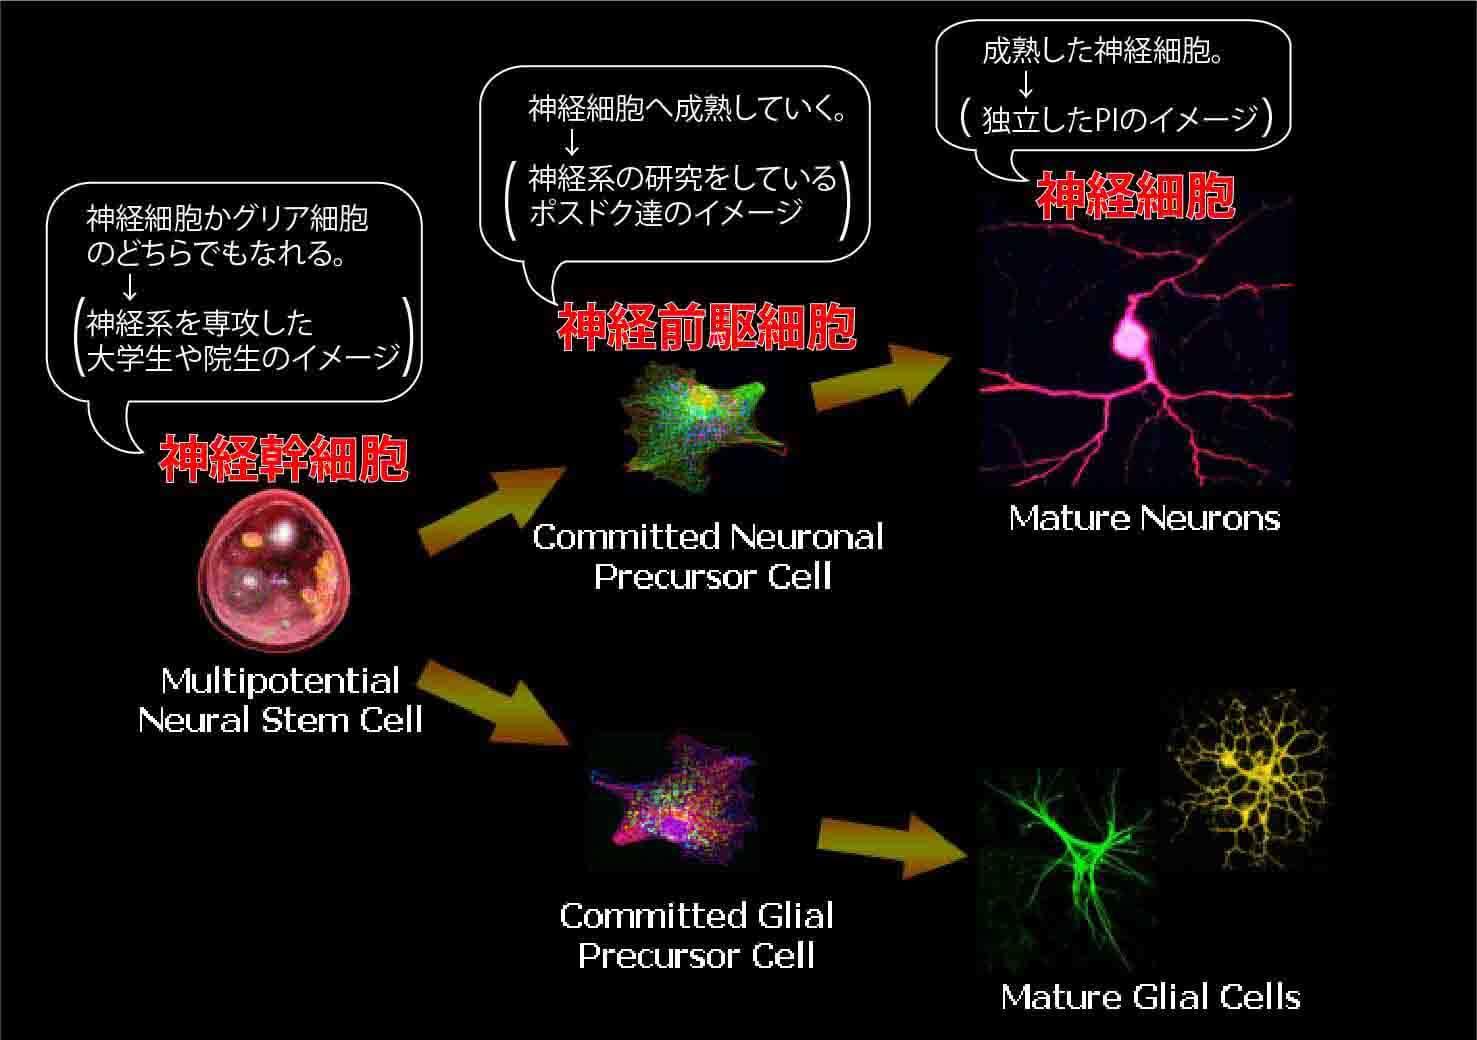 神経細胞の分化